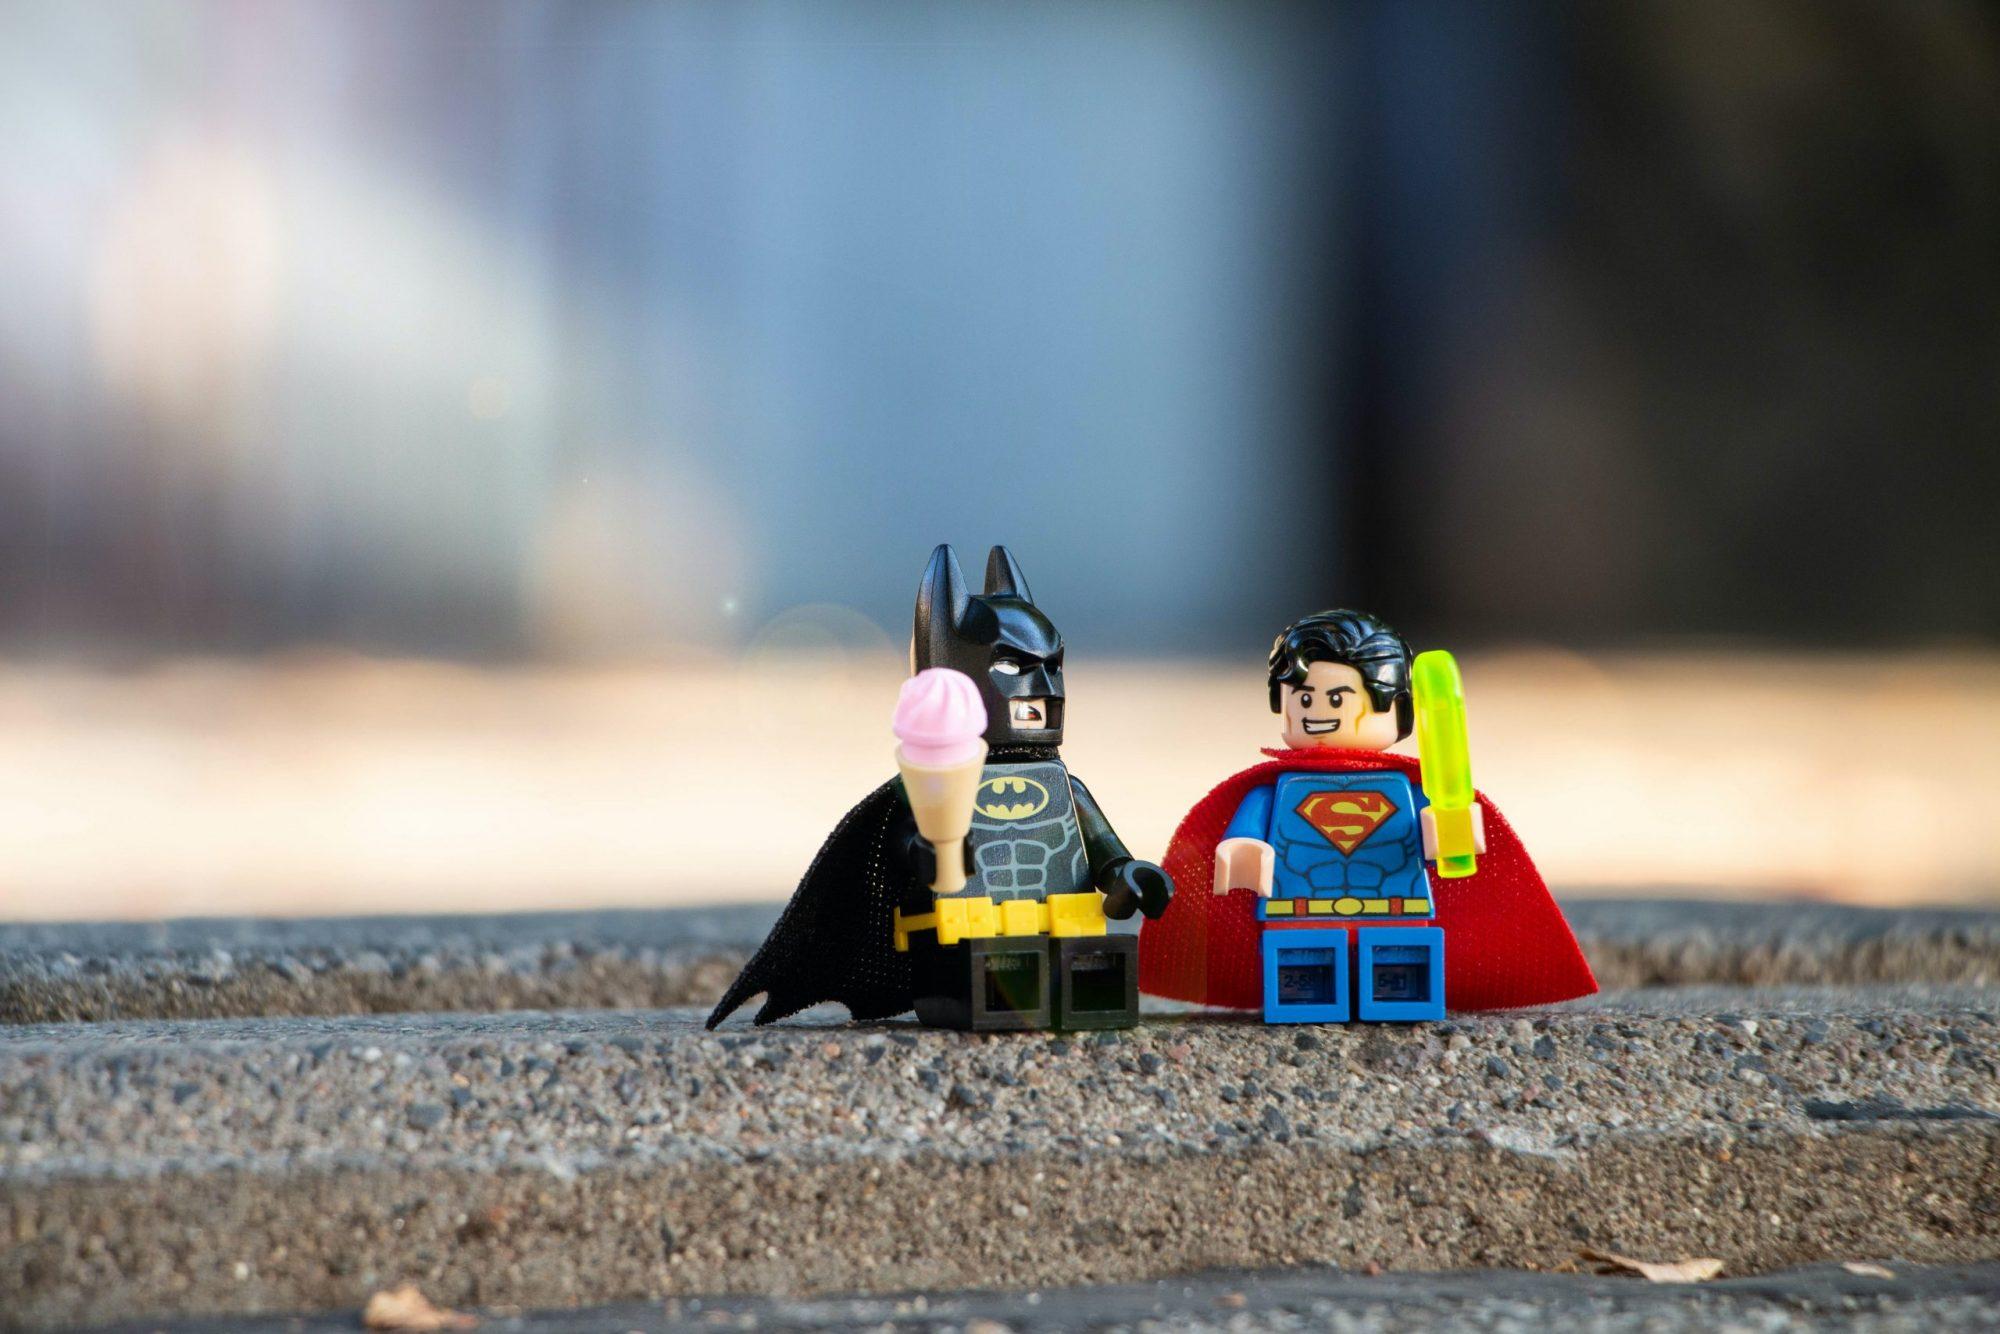 Maailma haluaa sukupuolineutraalimmaksi: mutta mitä tekee lelujätti LEGO?